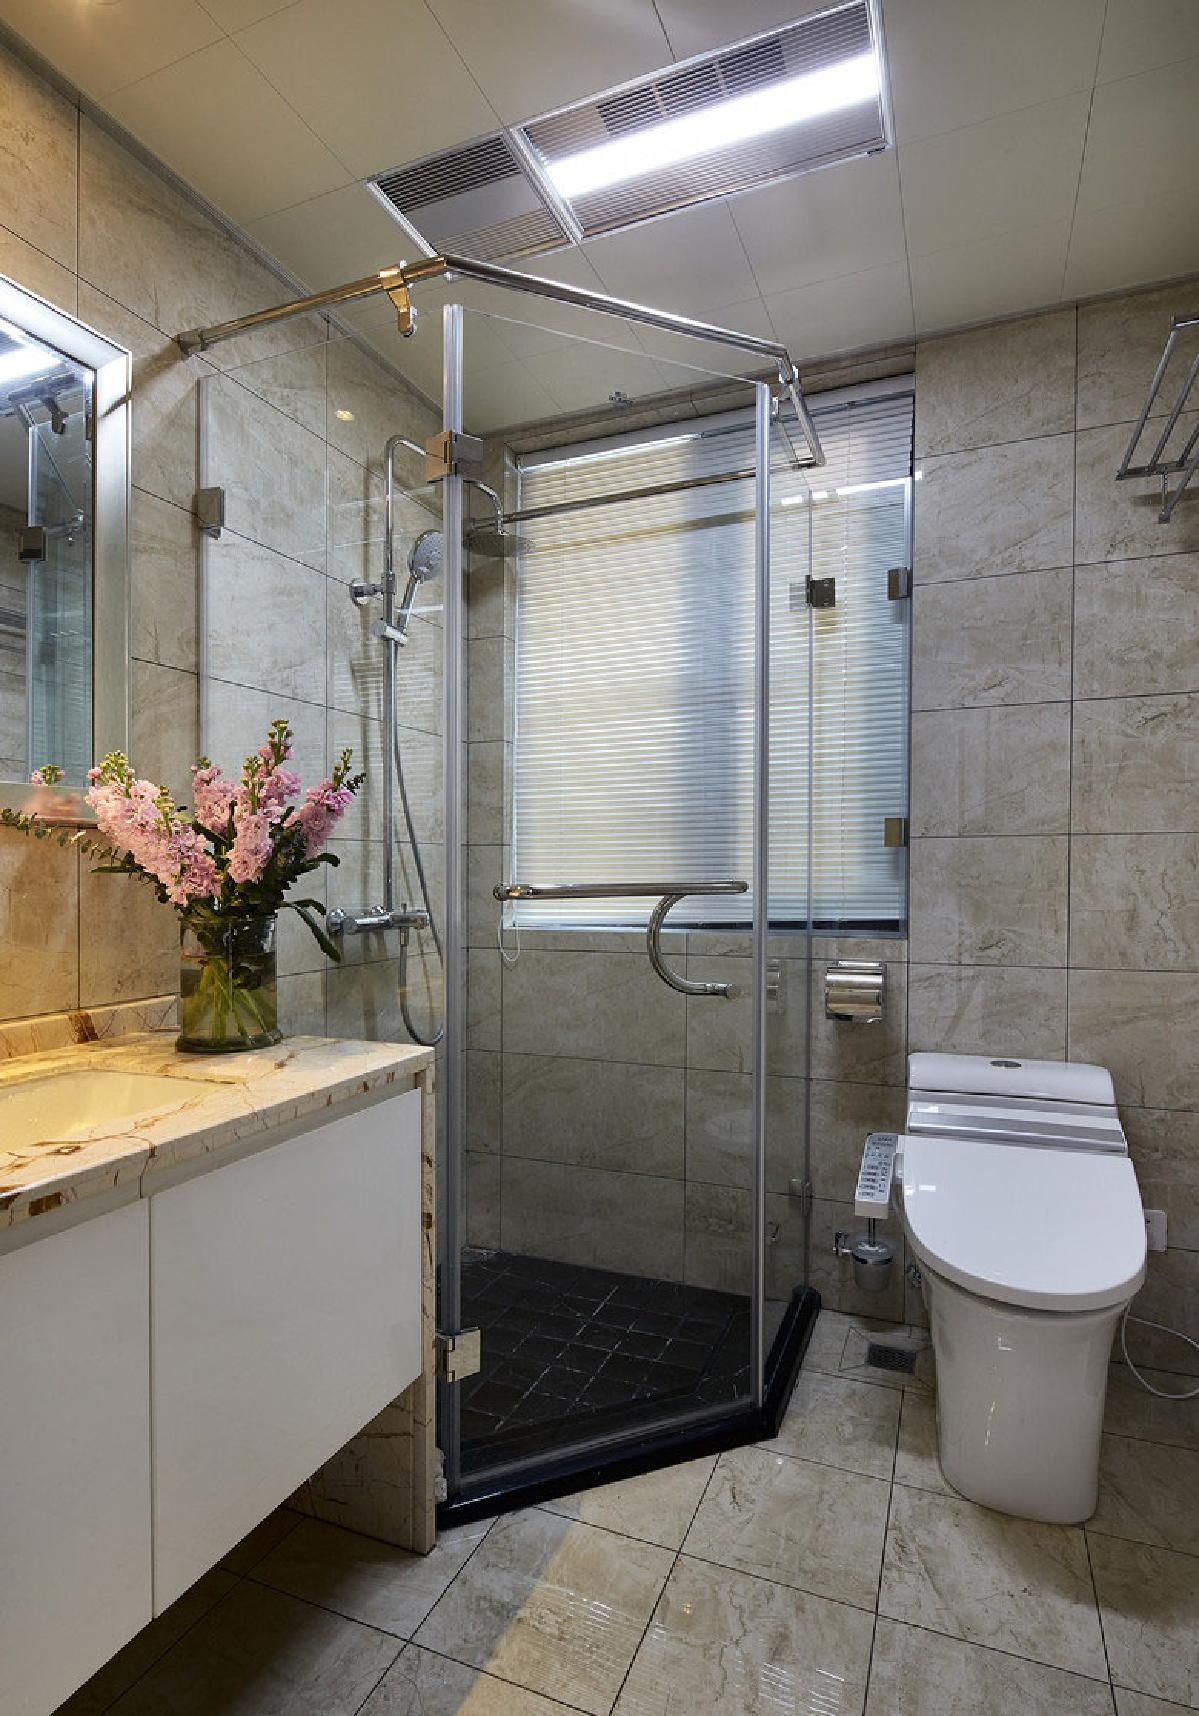 厨房与卫生间并排怎么装修